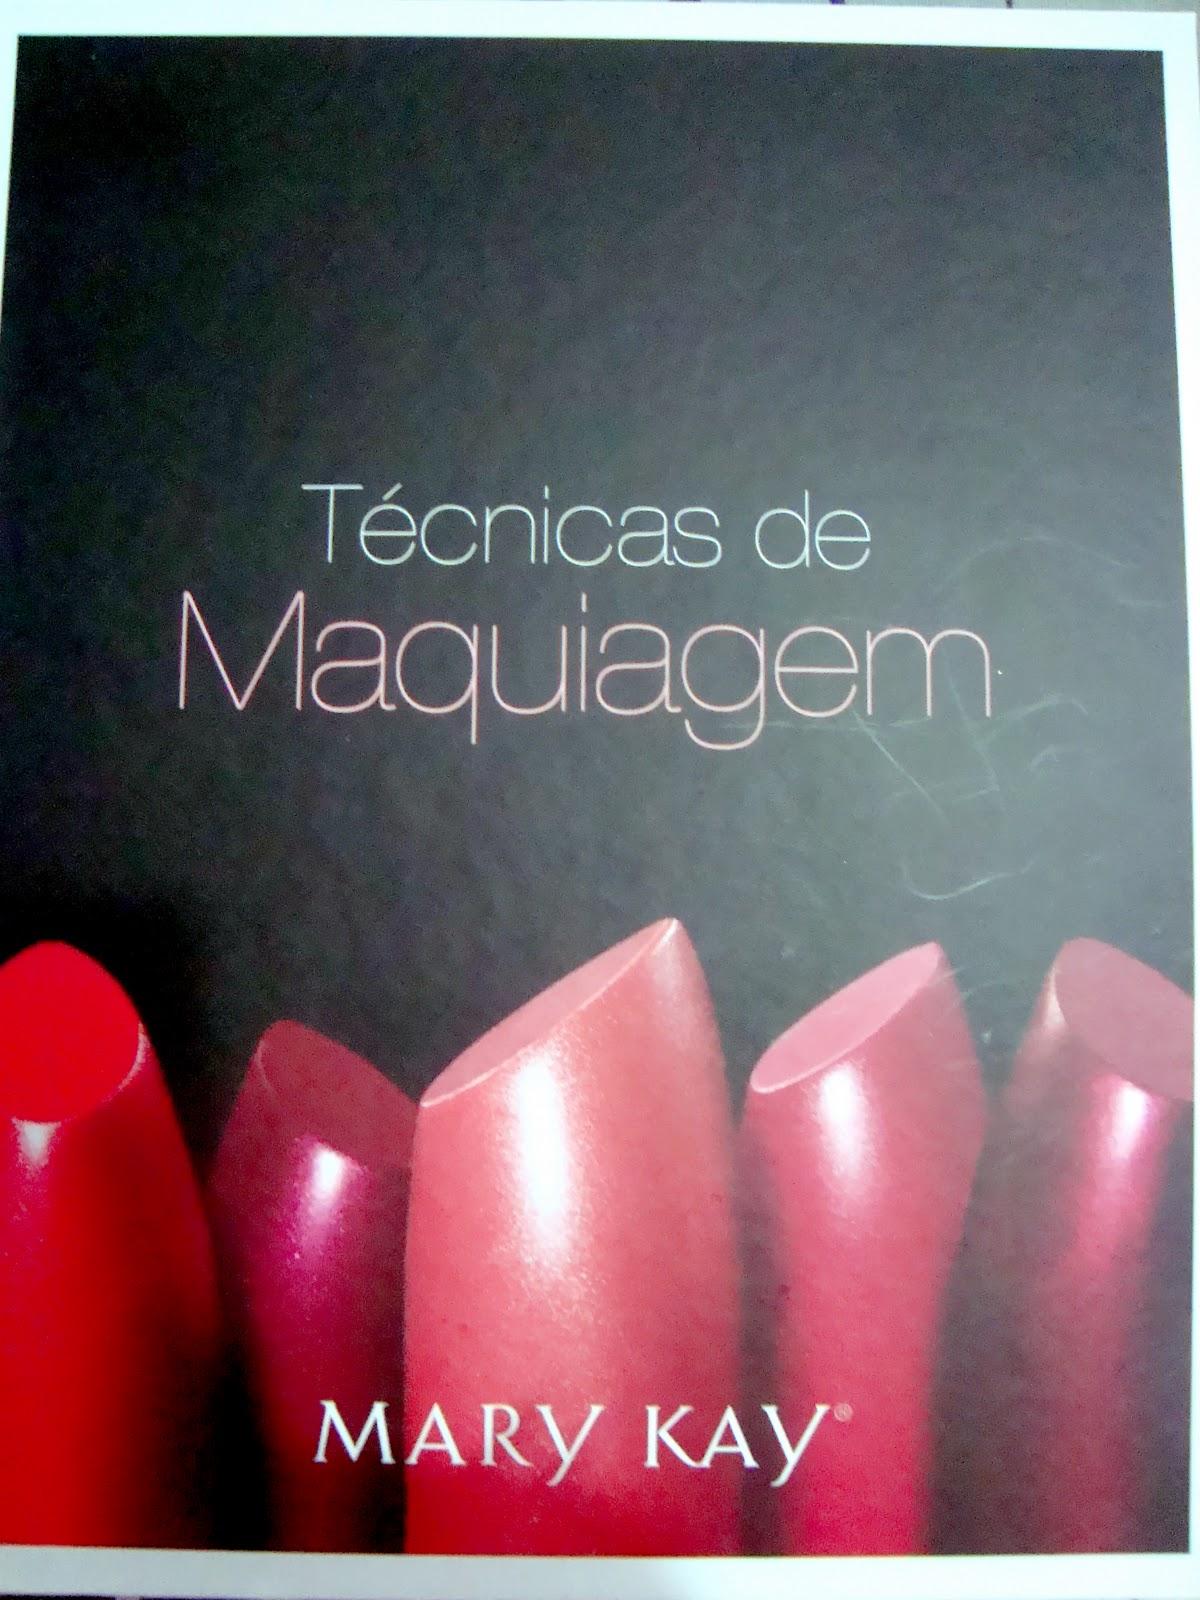 Livro Técnicas de Maquiagem by Mary Kay | Blog da Ferreirama